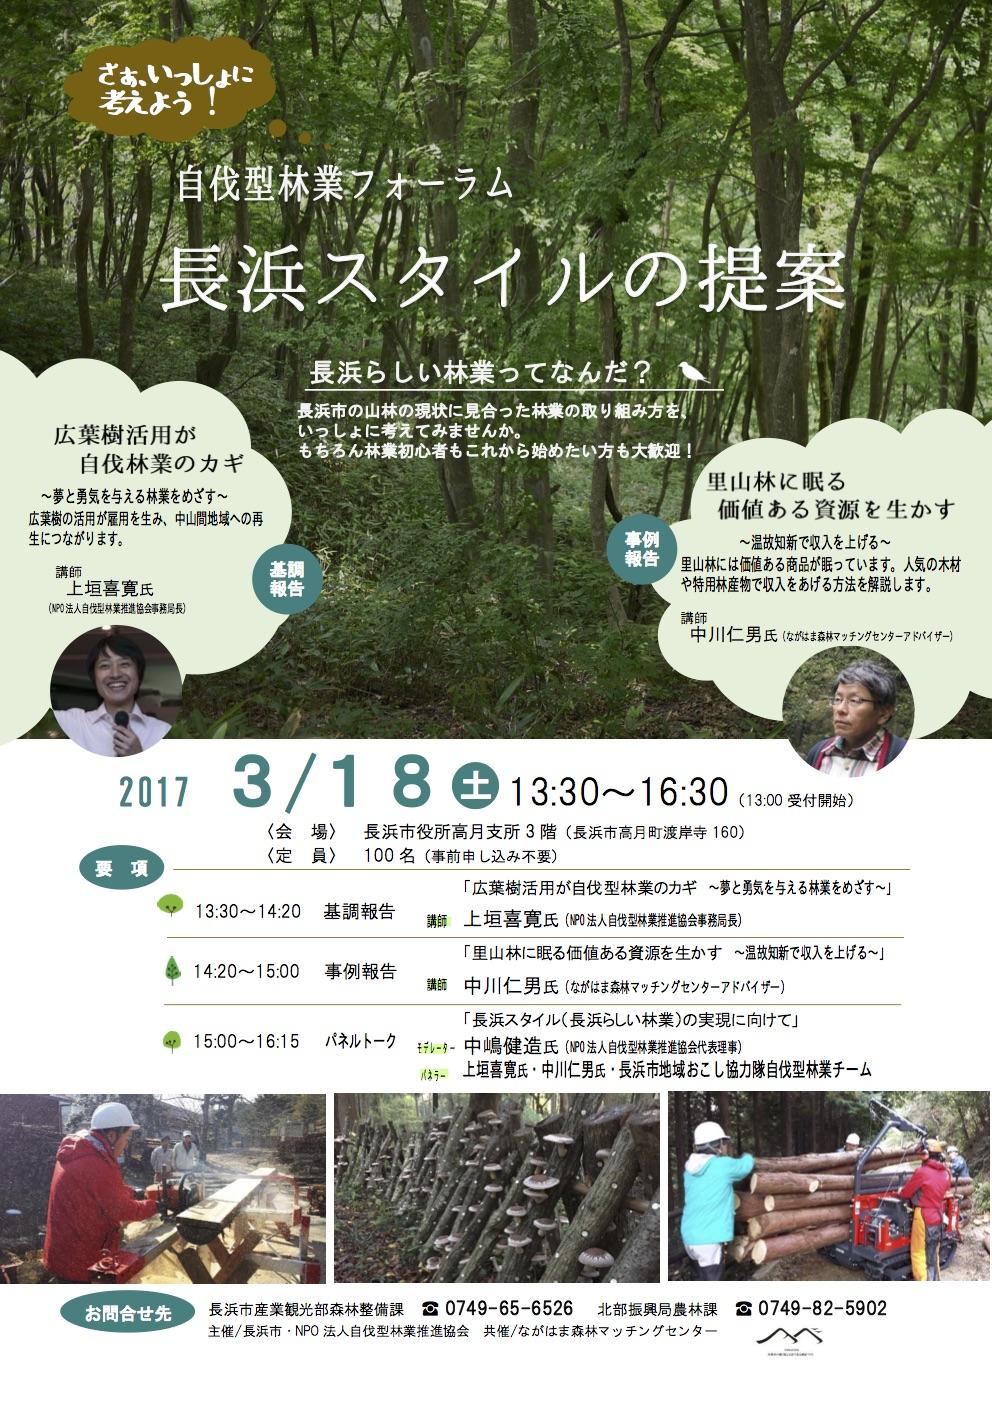 3月18日地域オリジナルの林業をつくる「自伐型林業フォーラム〜長浜スタイルの提案〜」